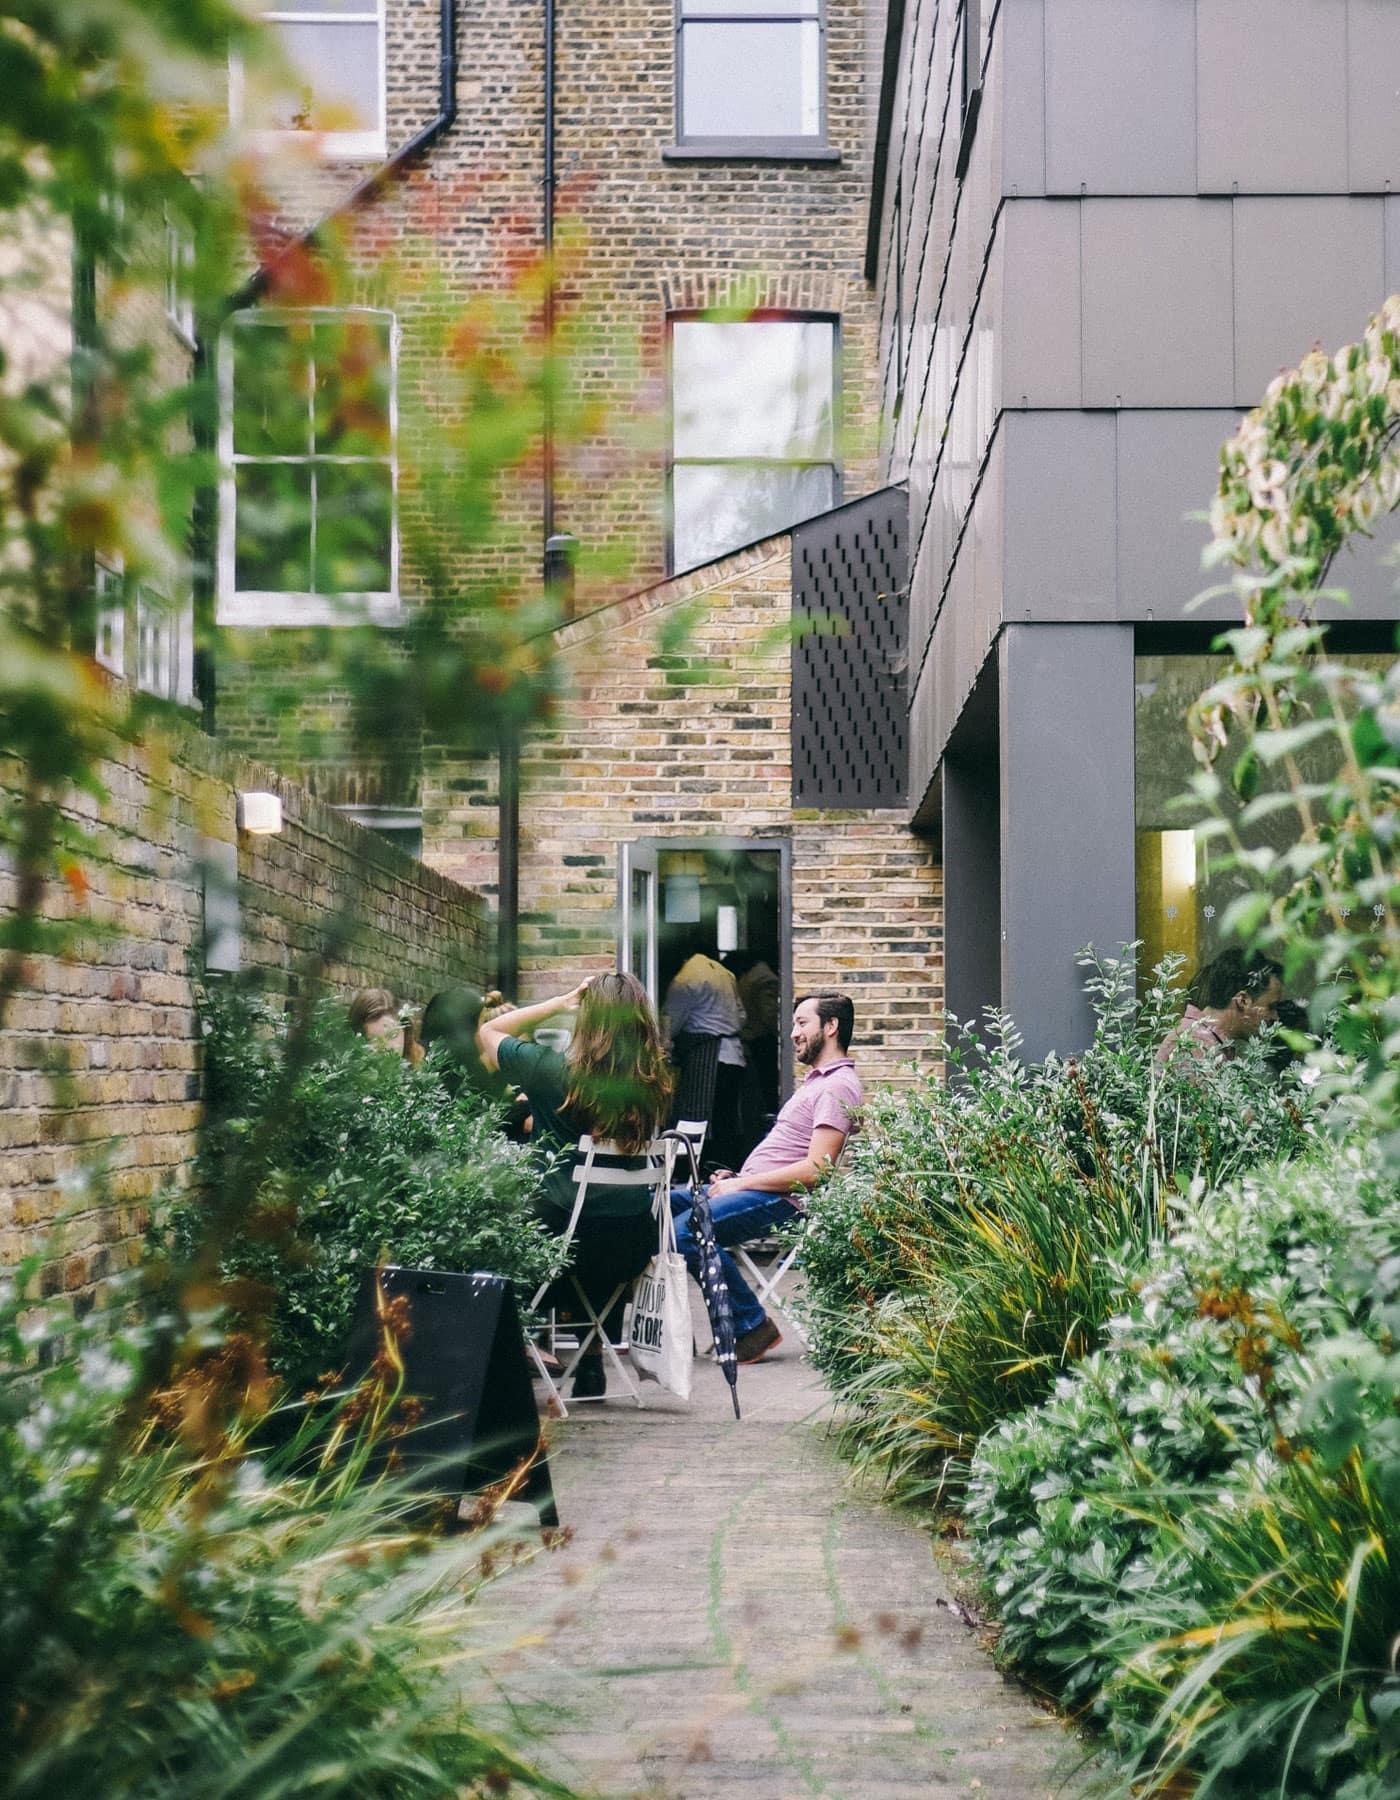 Statt Einfamilienhaus gemeinschaftlich wohnen mit Cohousing Berlin // HIMBEER